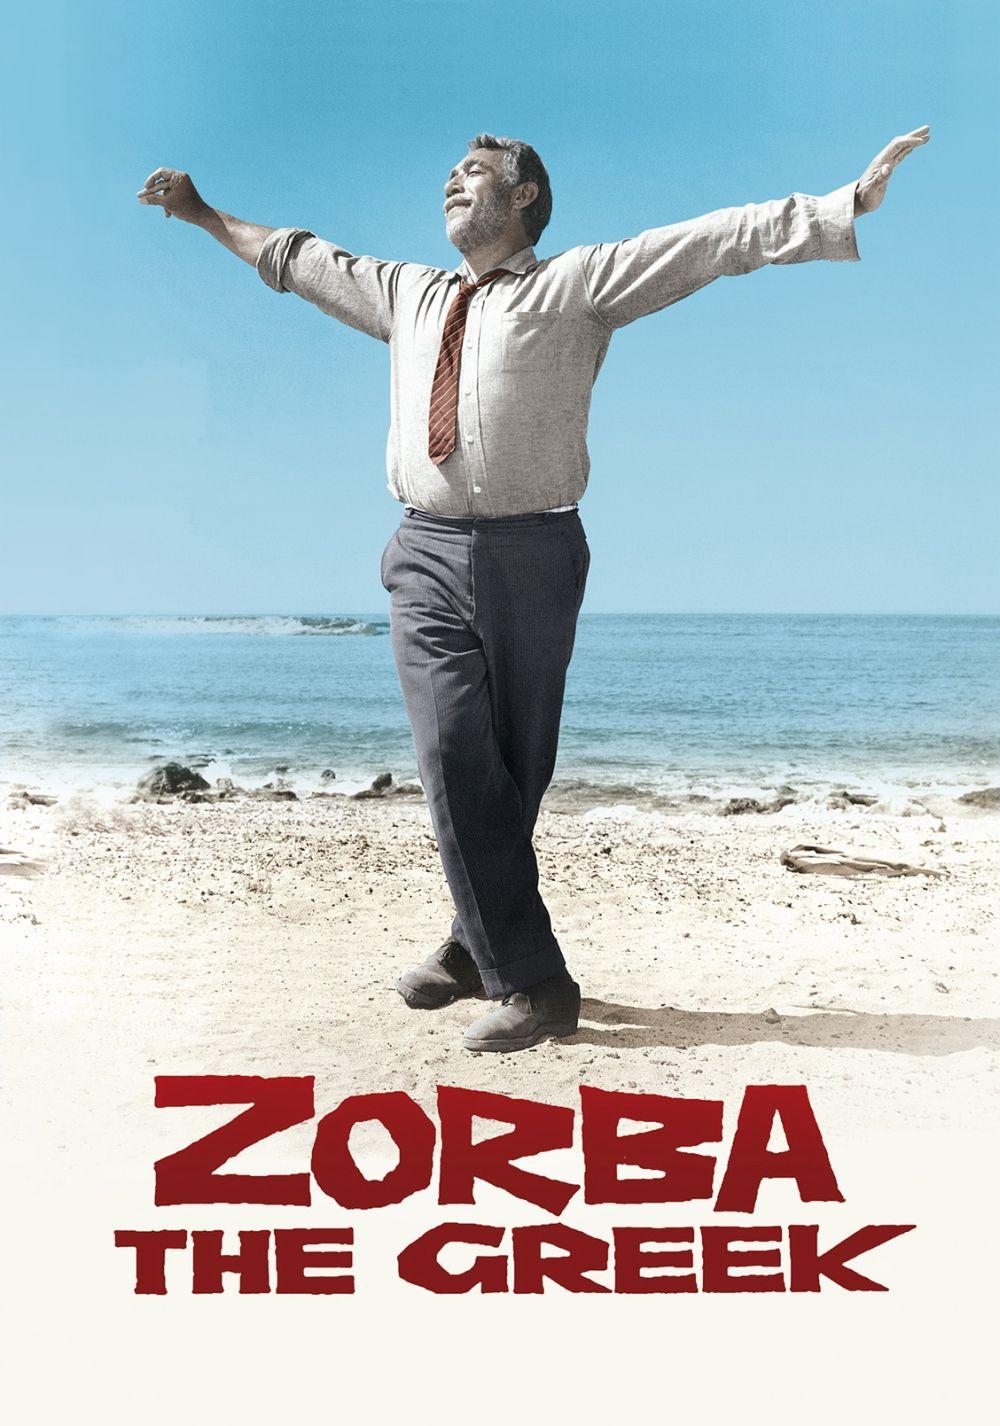 zorba-the-greek-5668148030280.jpg